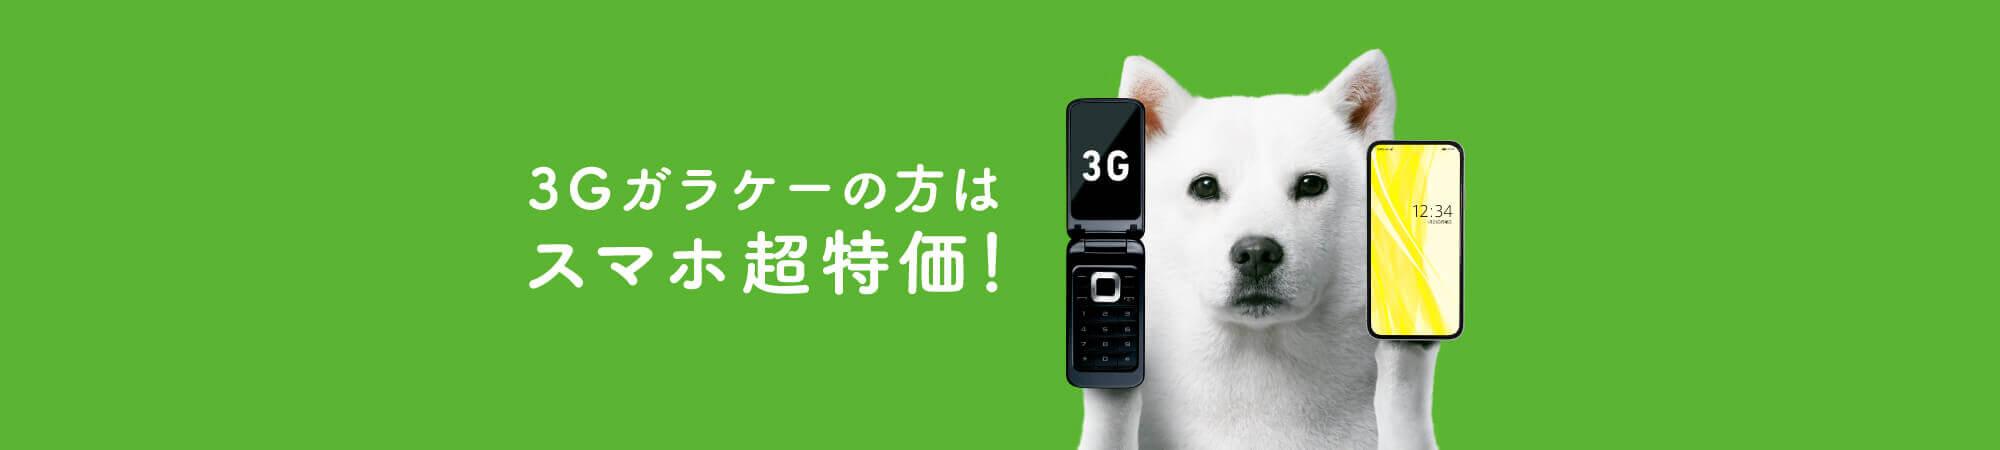 ソフトバンクオンラインショップ「3G買い替えキャンペーン」機種変更・MNPで最大159,840円割引